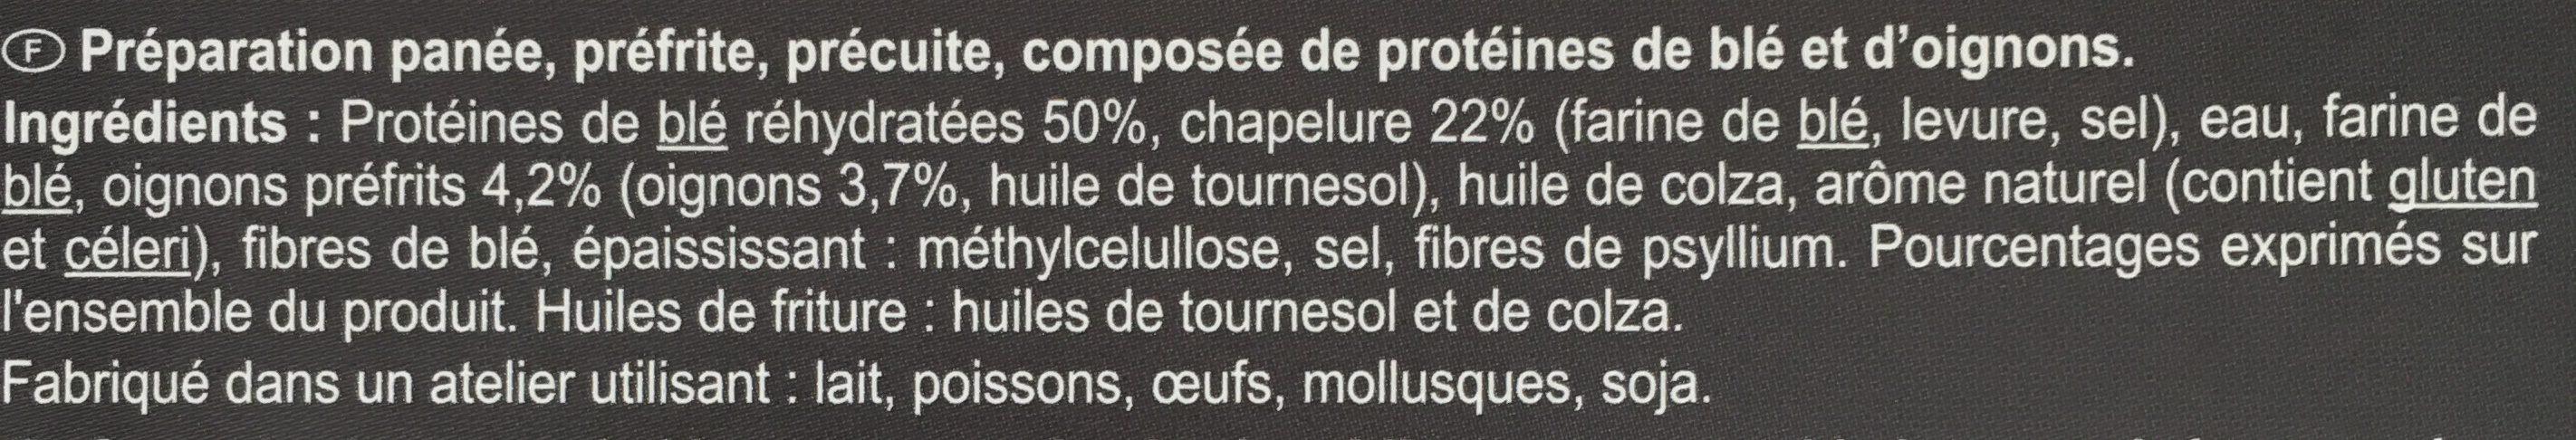 Nuggets Blé, Oignon - Ingrédients - fr